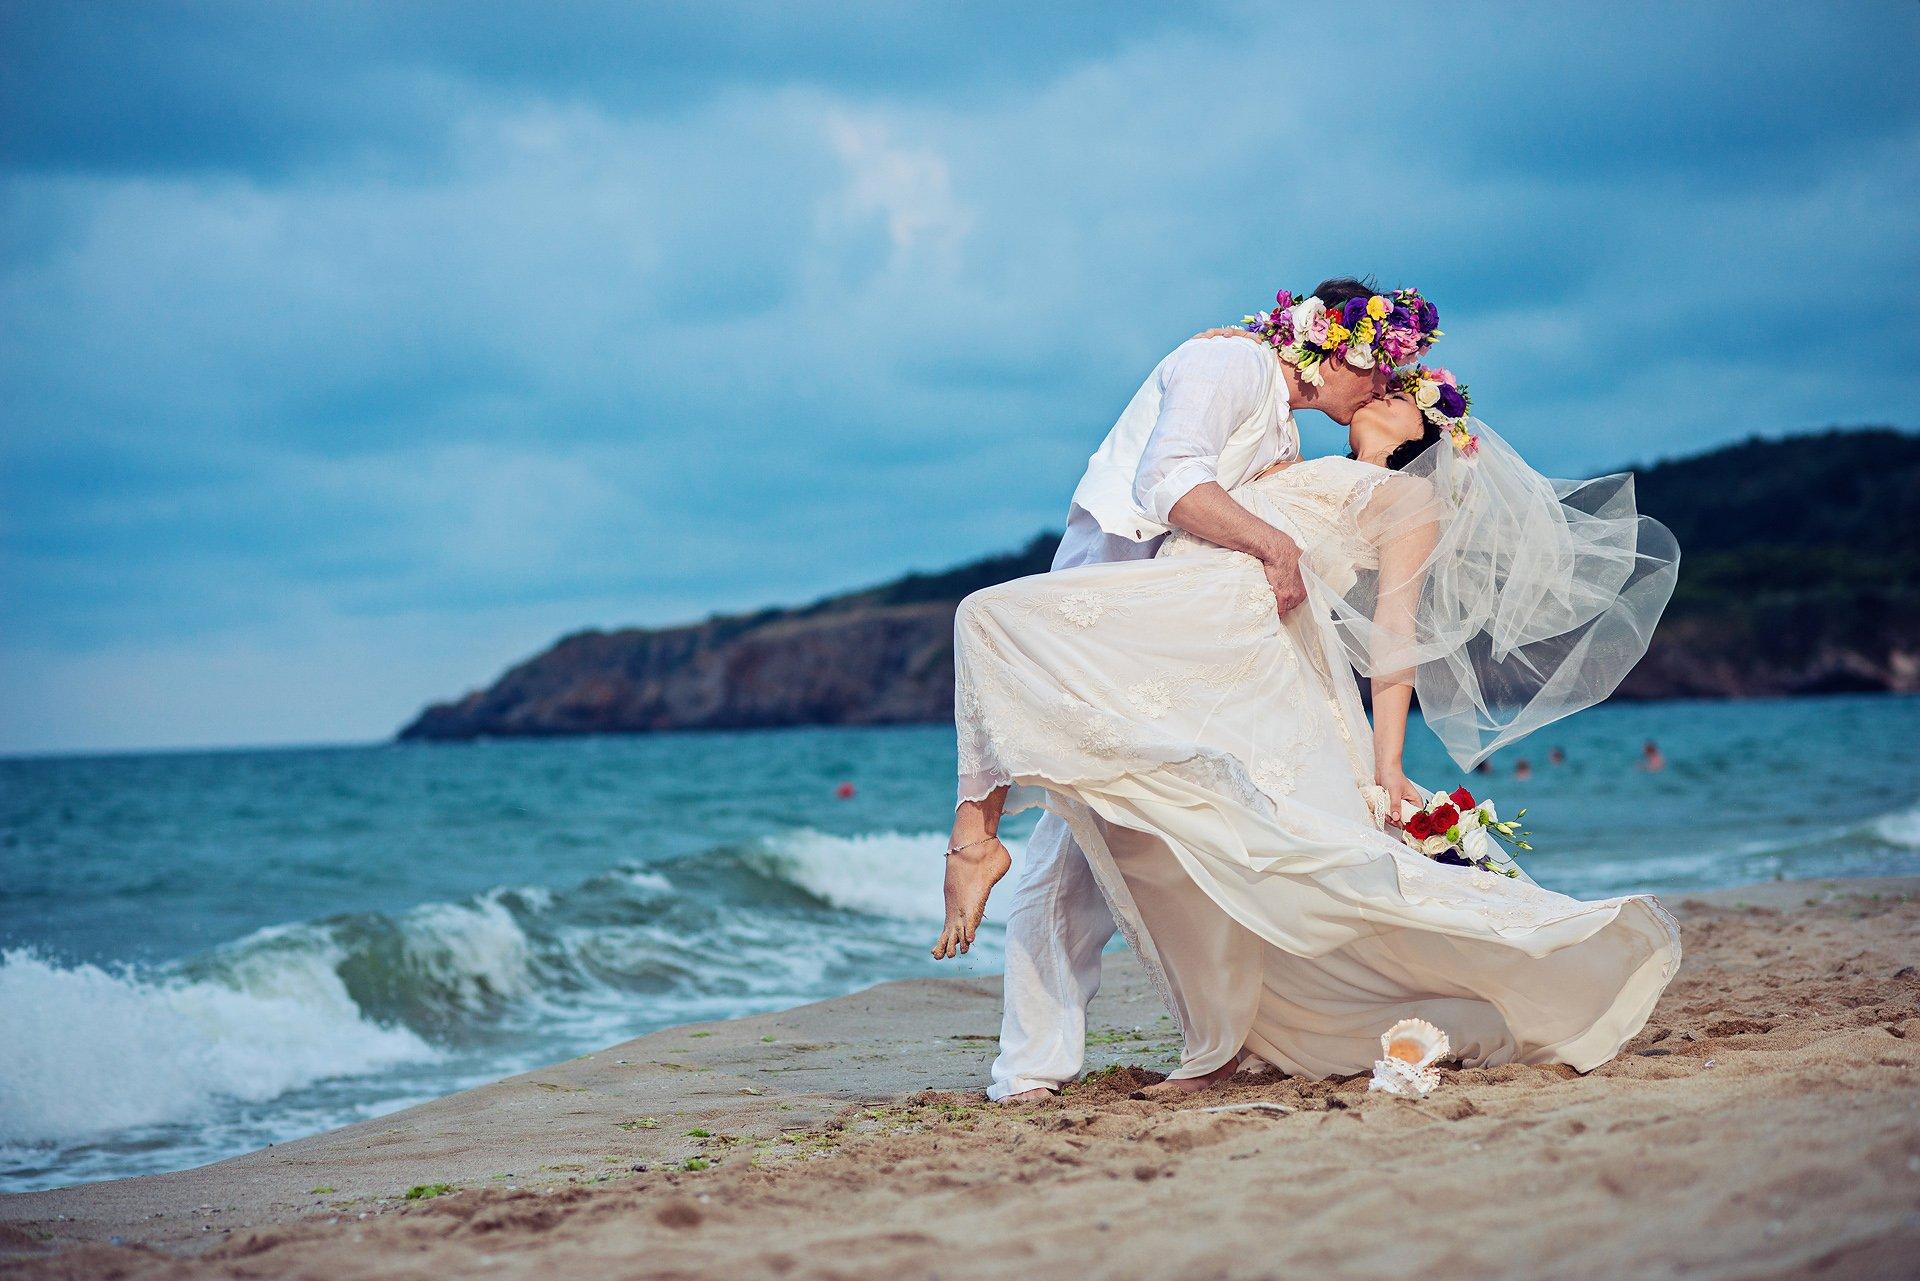 Сватбена фотосесия и страст край морето